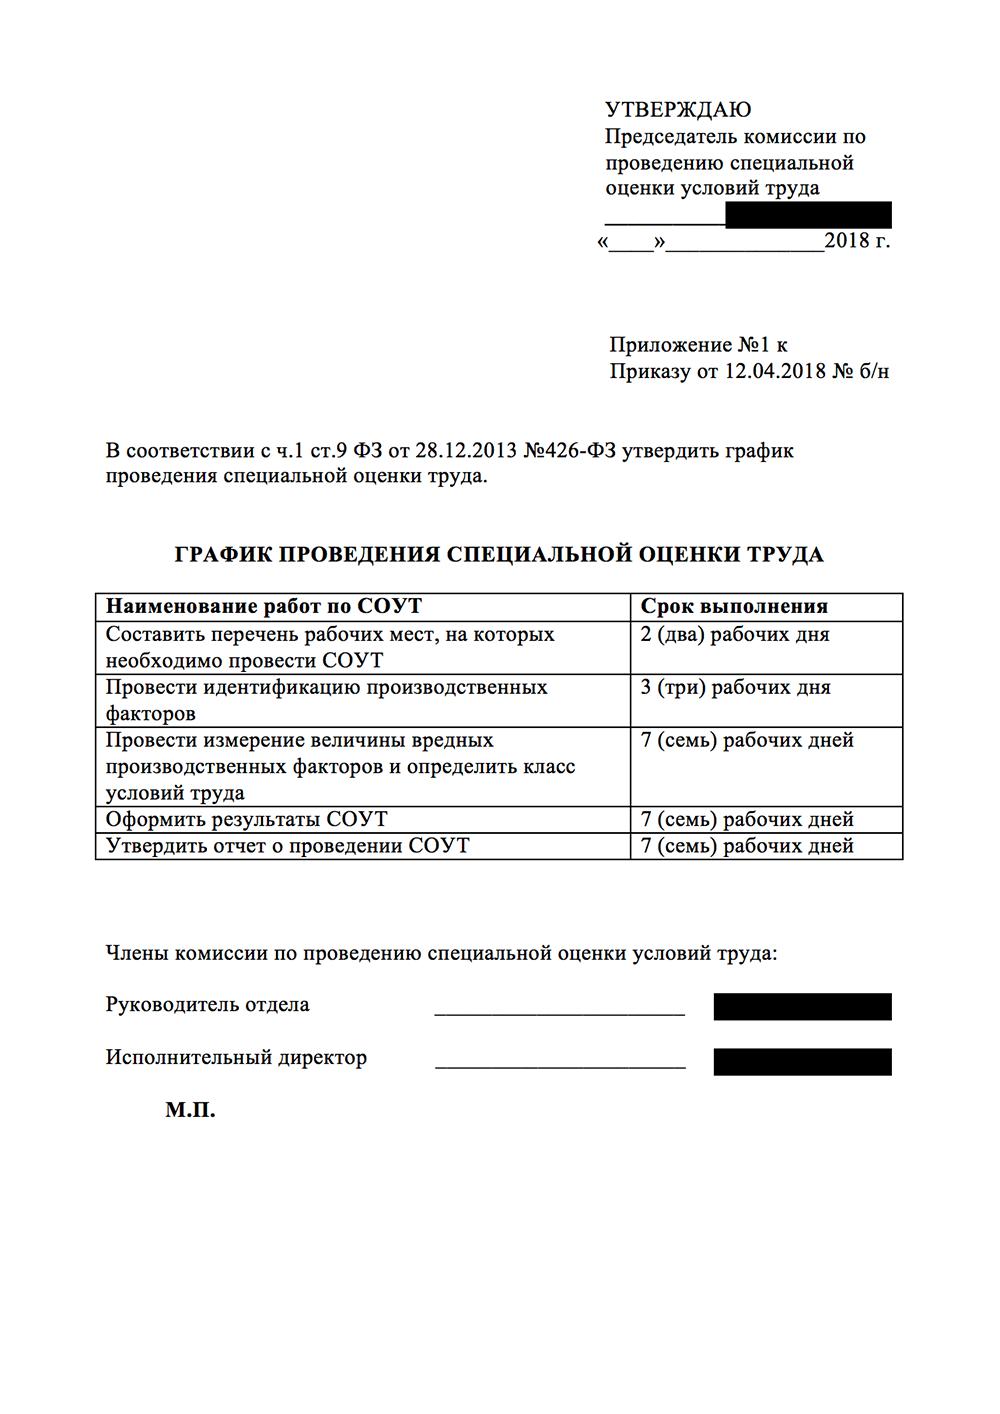 nuzhno-li-malomu-predpriyatiyu-provodit-speczialnuyu-oczenku-uslovij-truda-attestacziyu-rabochih-mest-2